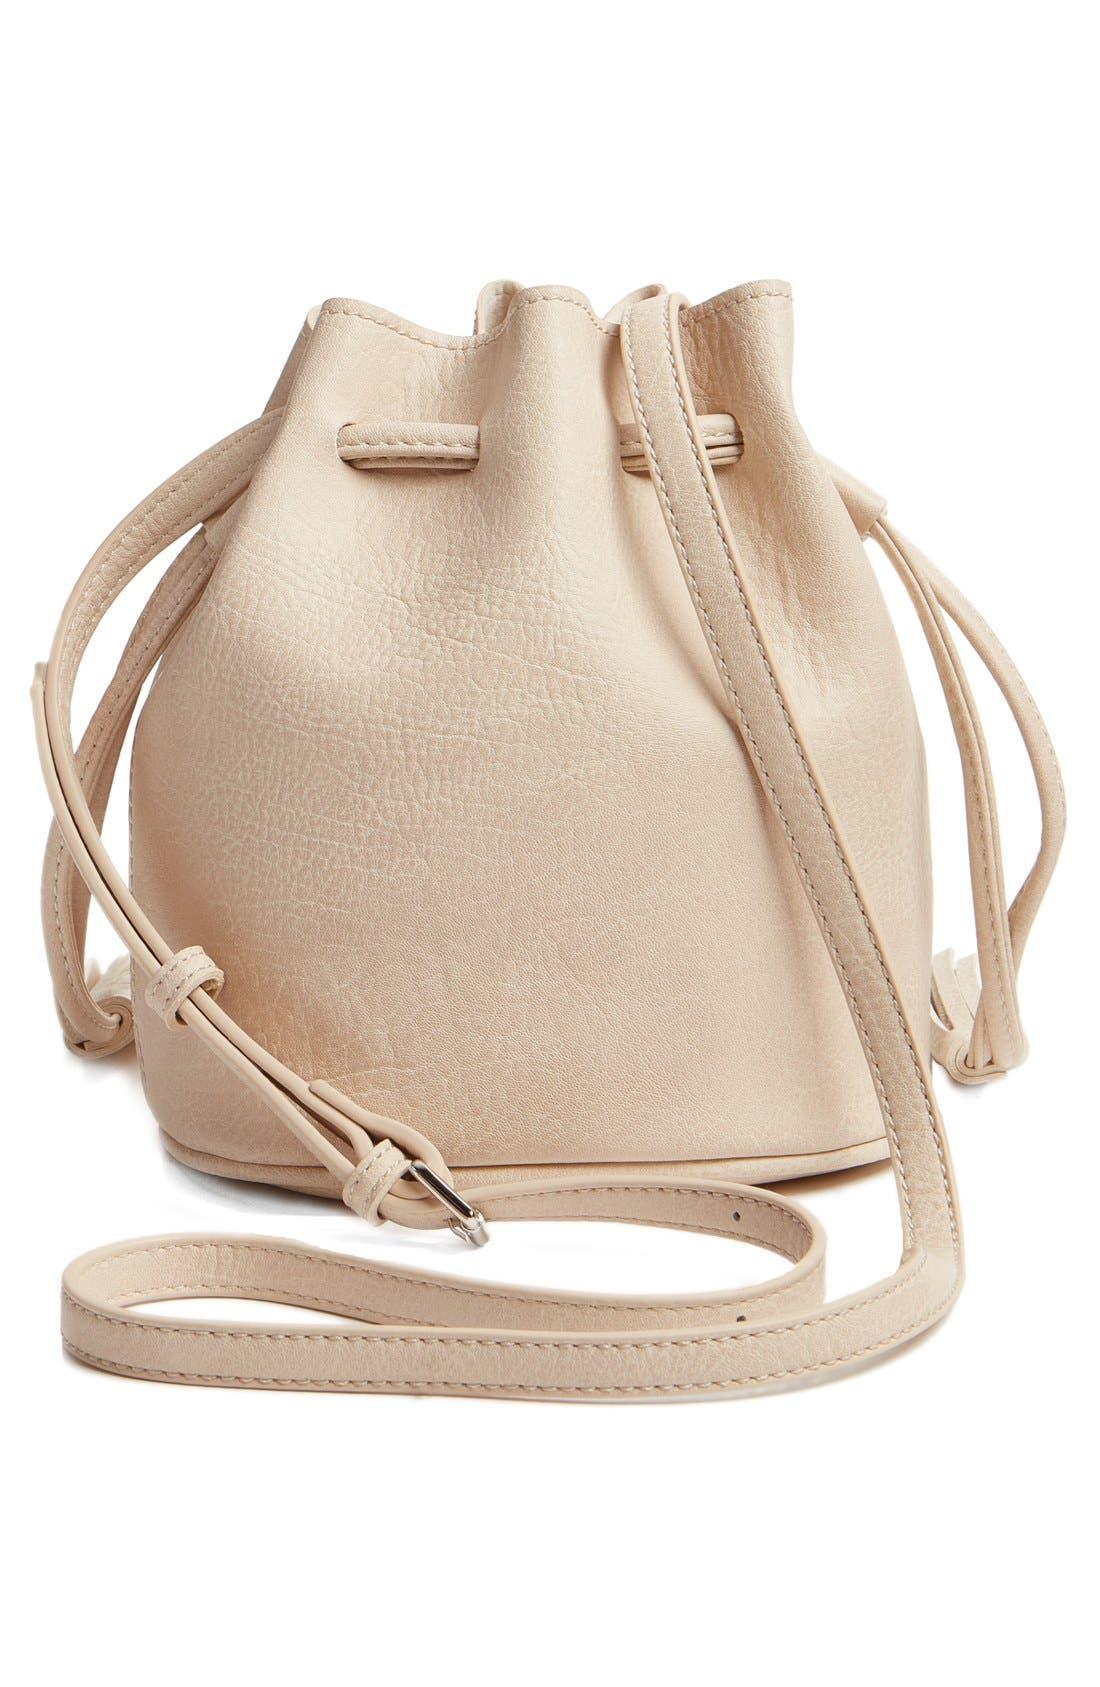 Alternate Image 3  - Street Level Mini Faux Leather Tassel Bucket Bag